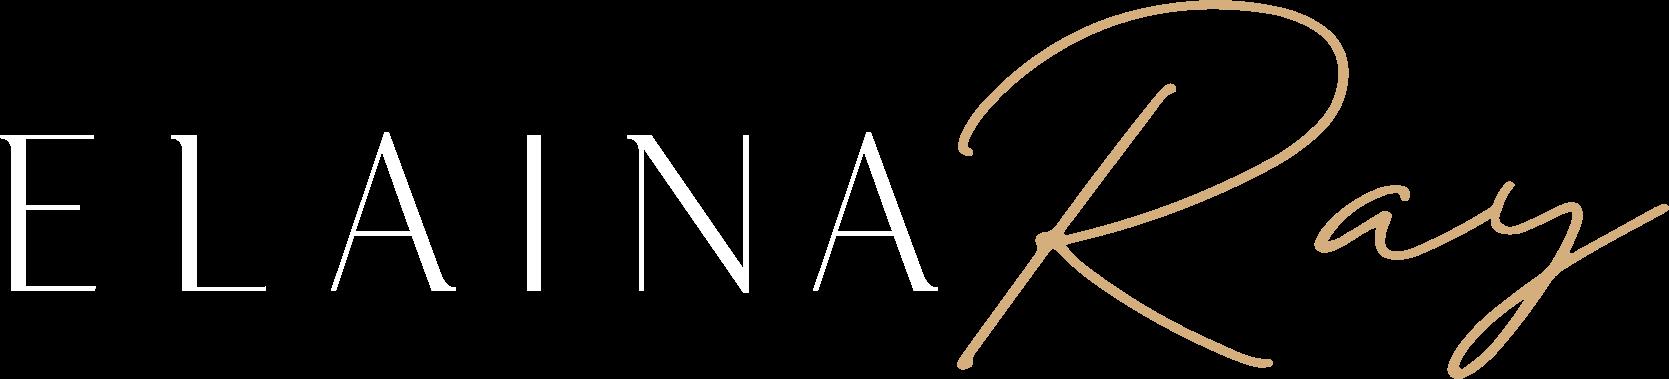 Elaina-Ray-logo